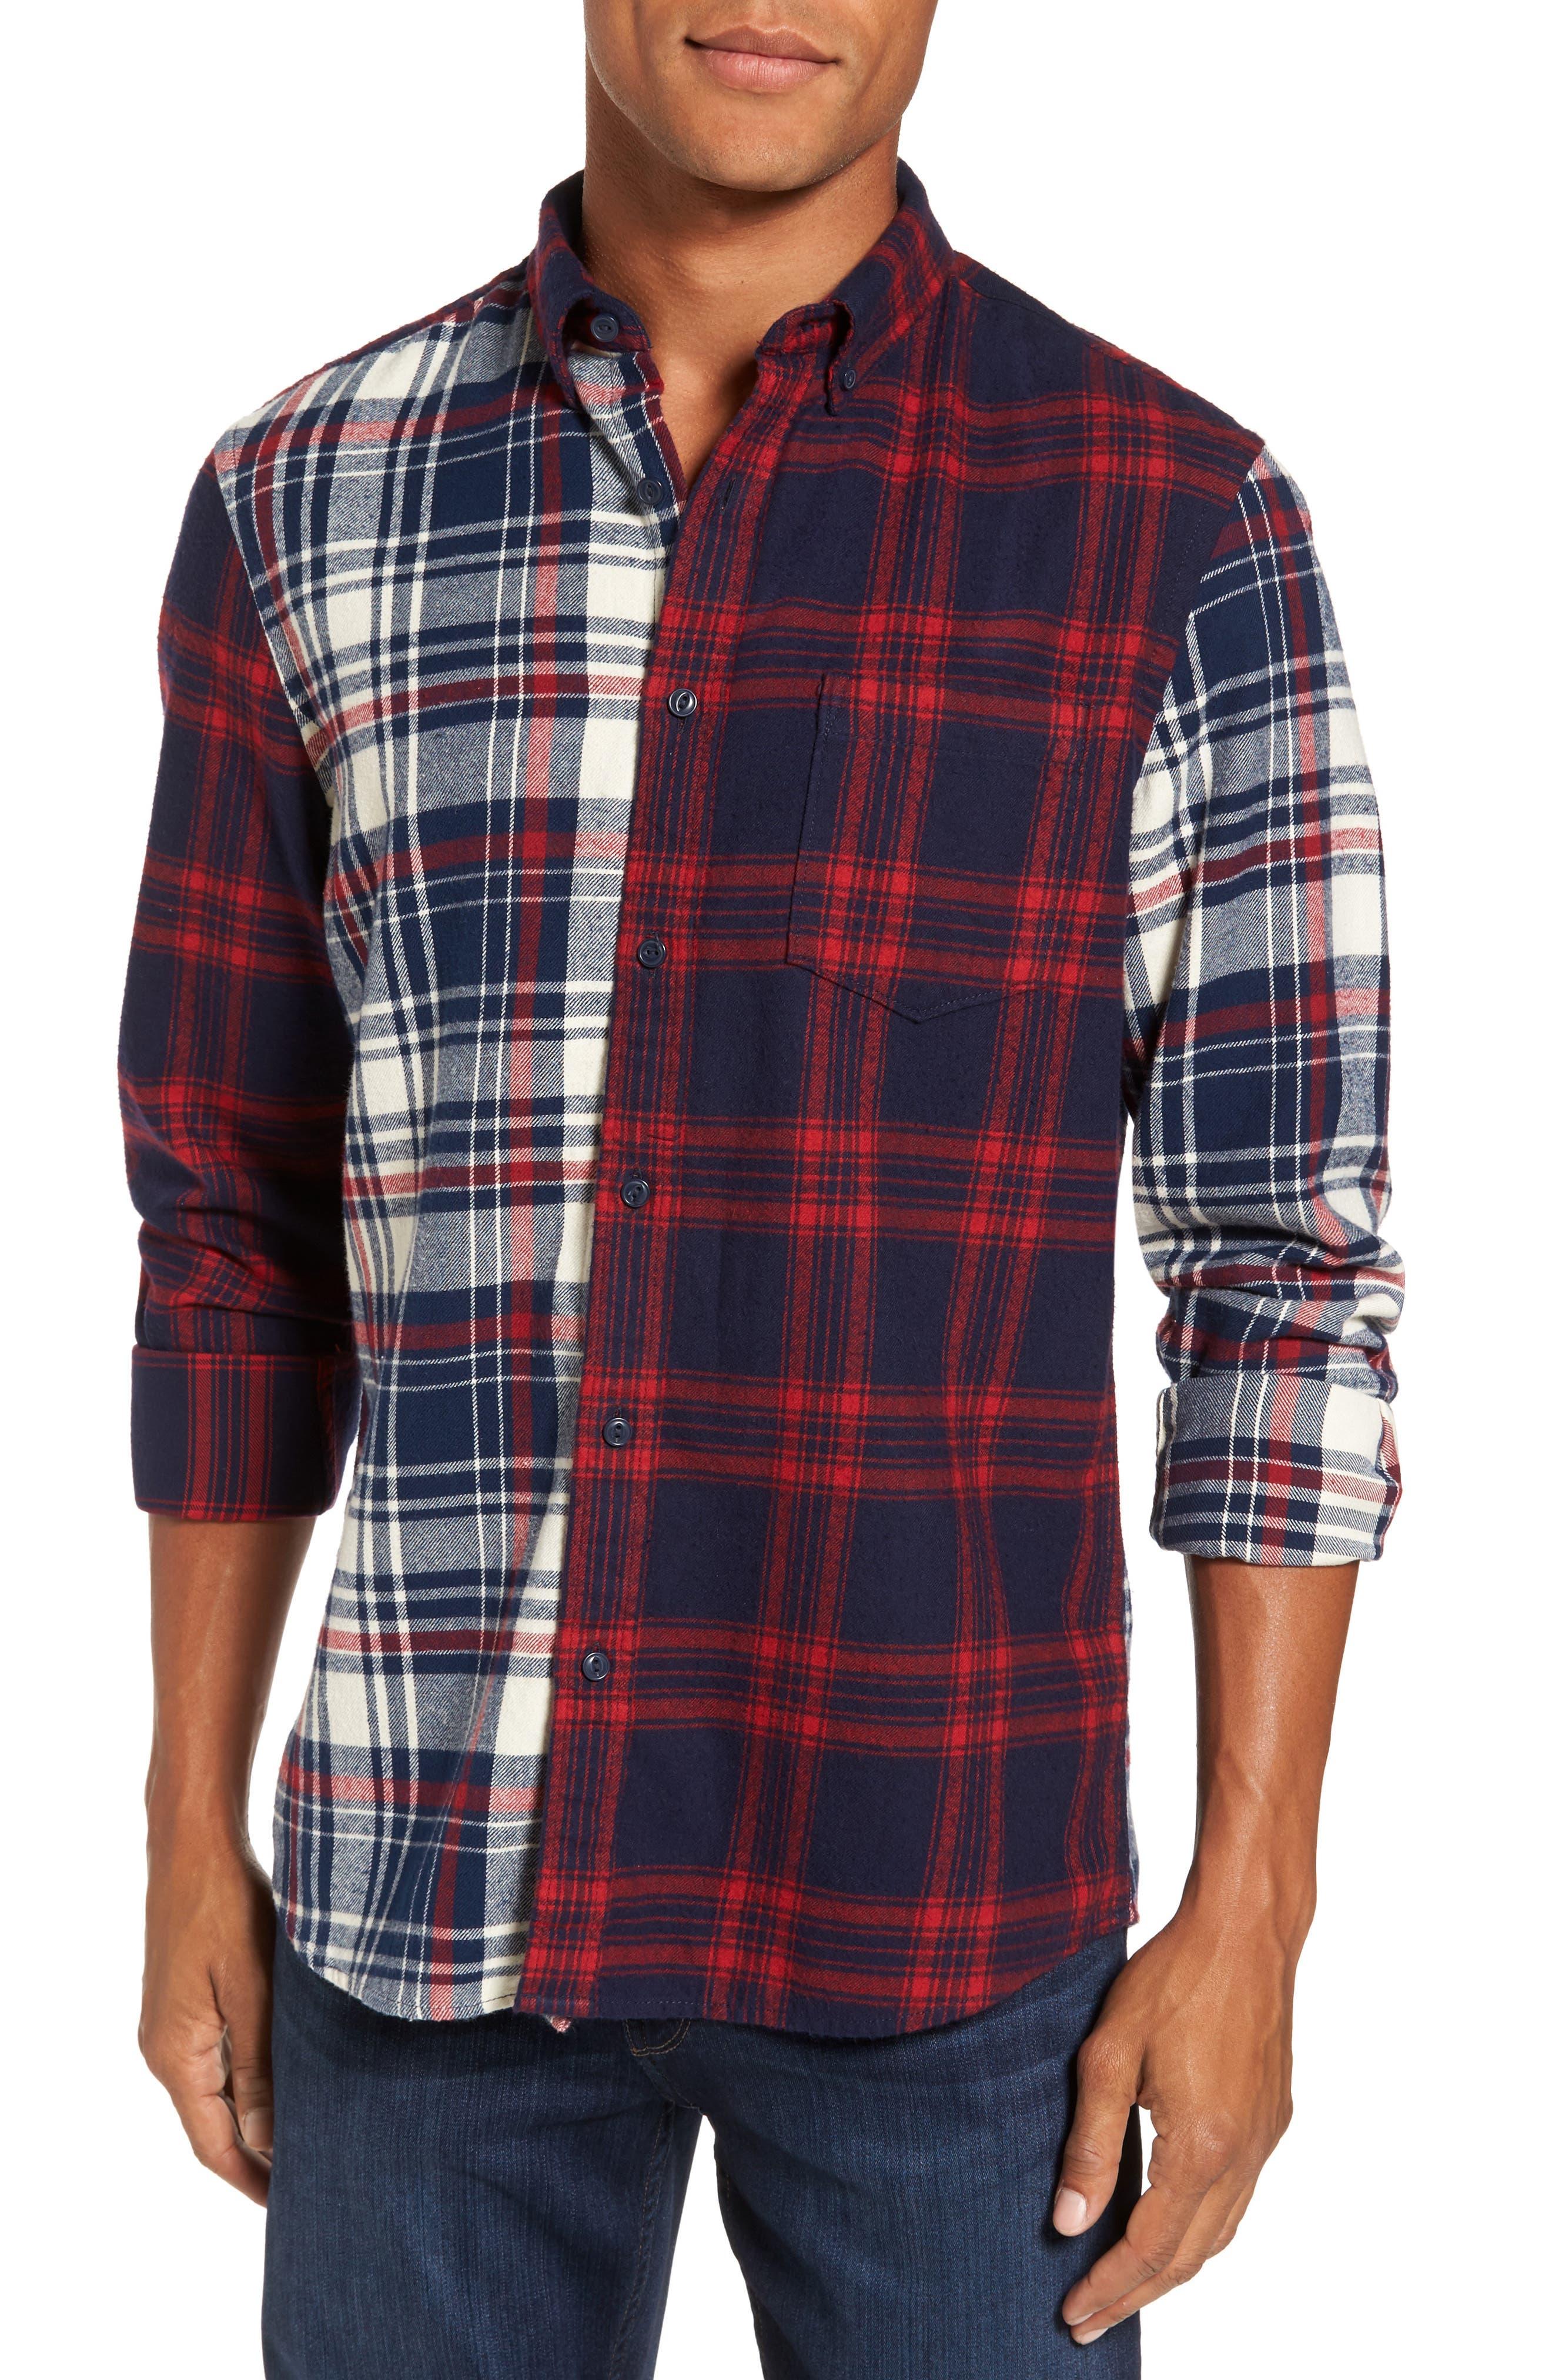 Alternate Image 1 Selected - Nordstrom Men's Shop Trim Fit Patchwork Sport Shirt